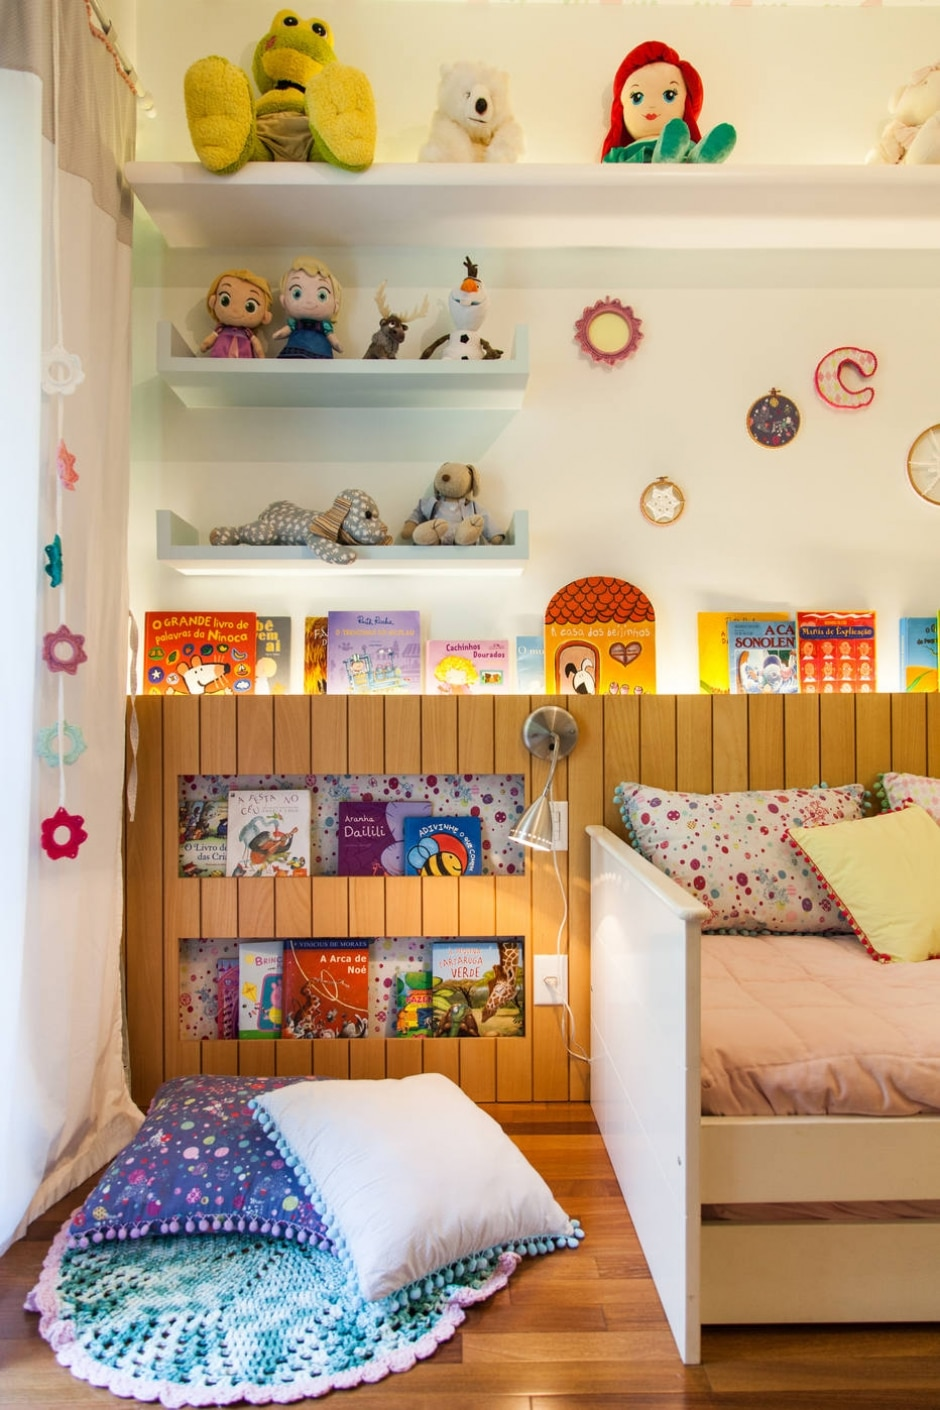 Quartos De Brinquedos Organizados E Cheios De Atrativos Emais  ~ Customização De Objetos Decorativos Para Quarto